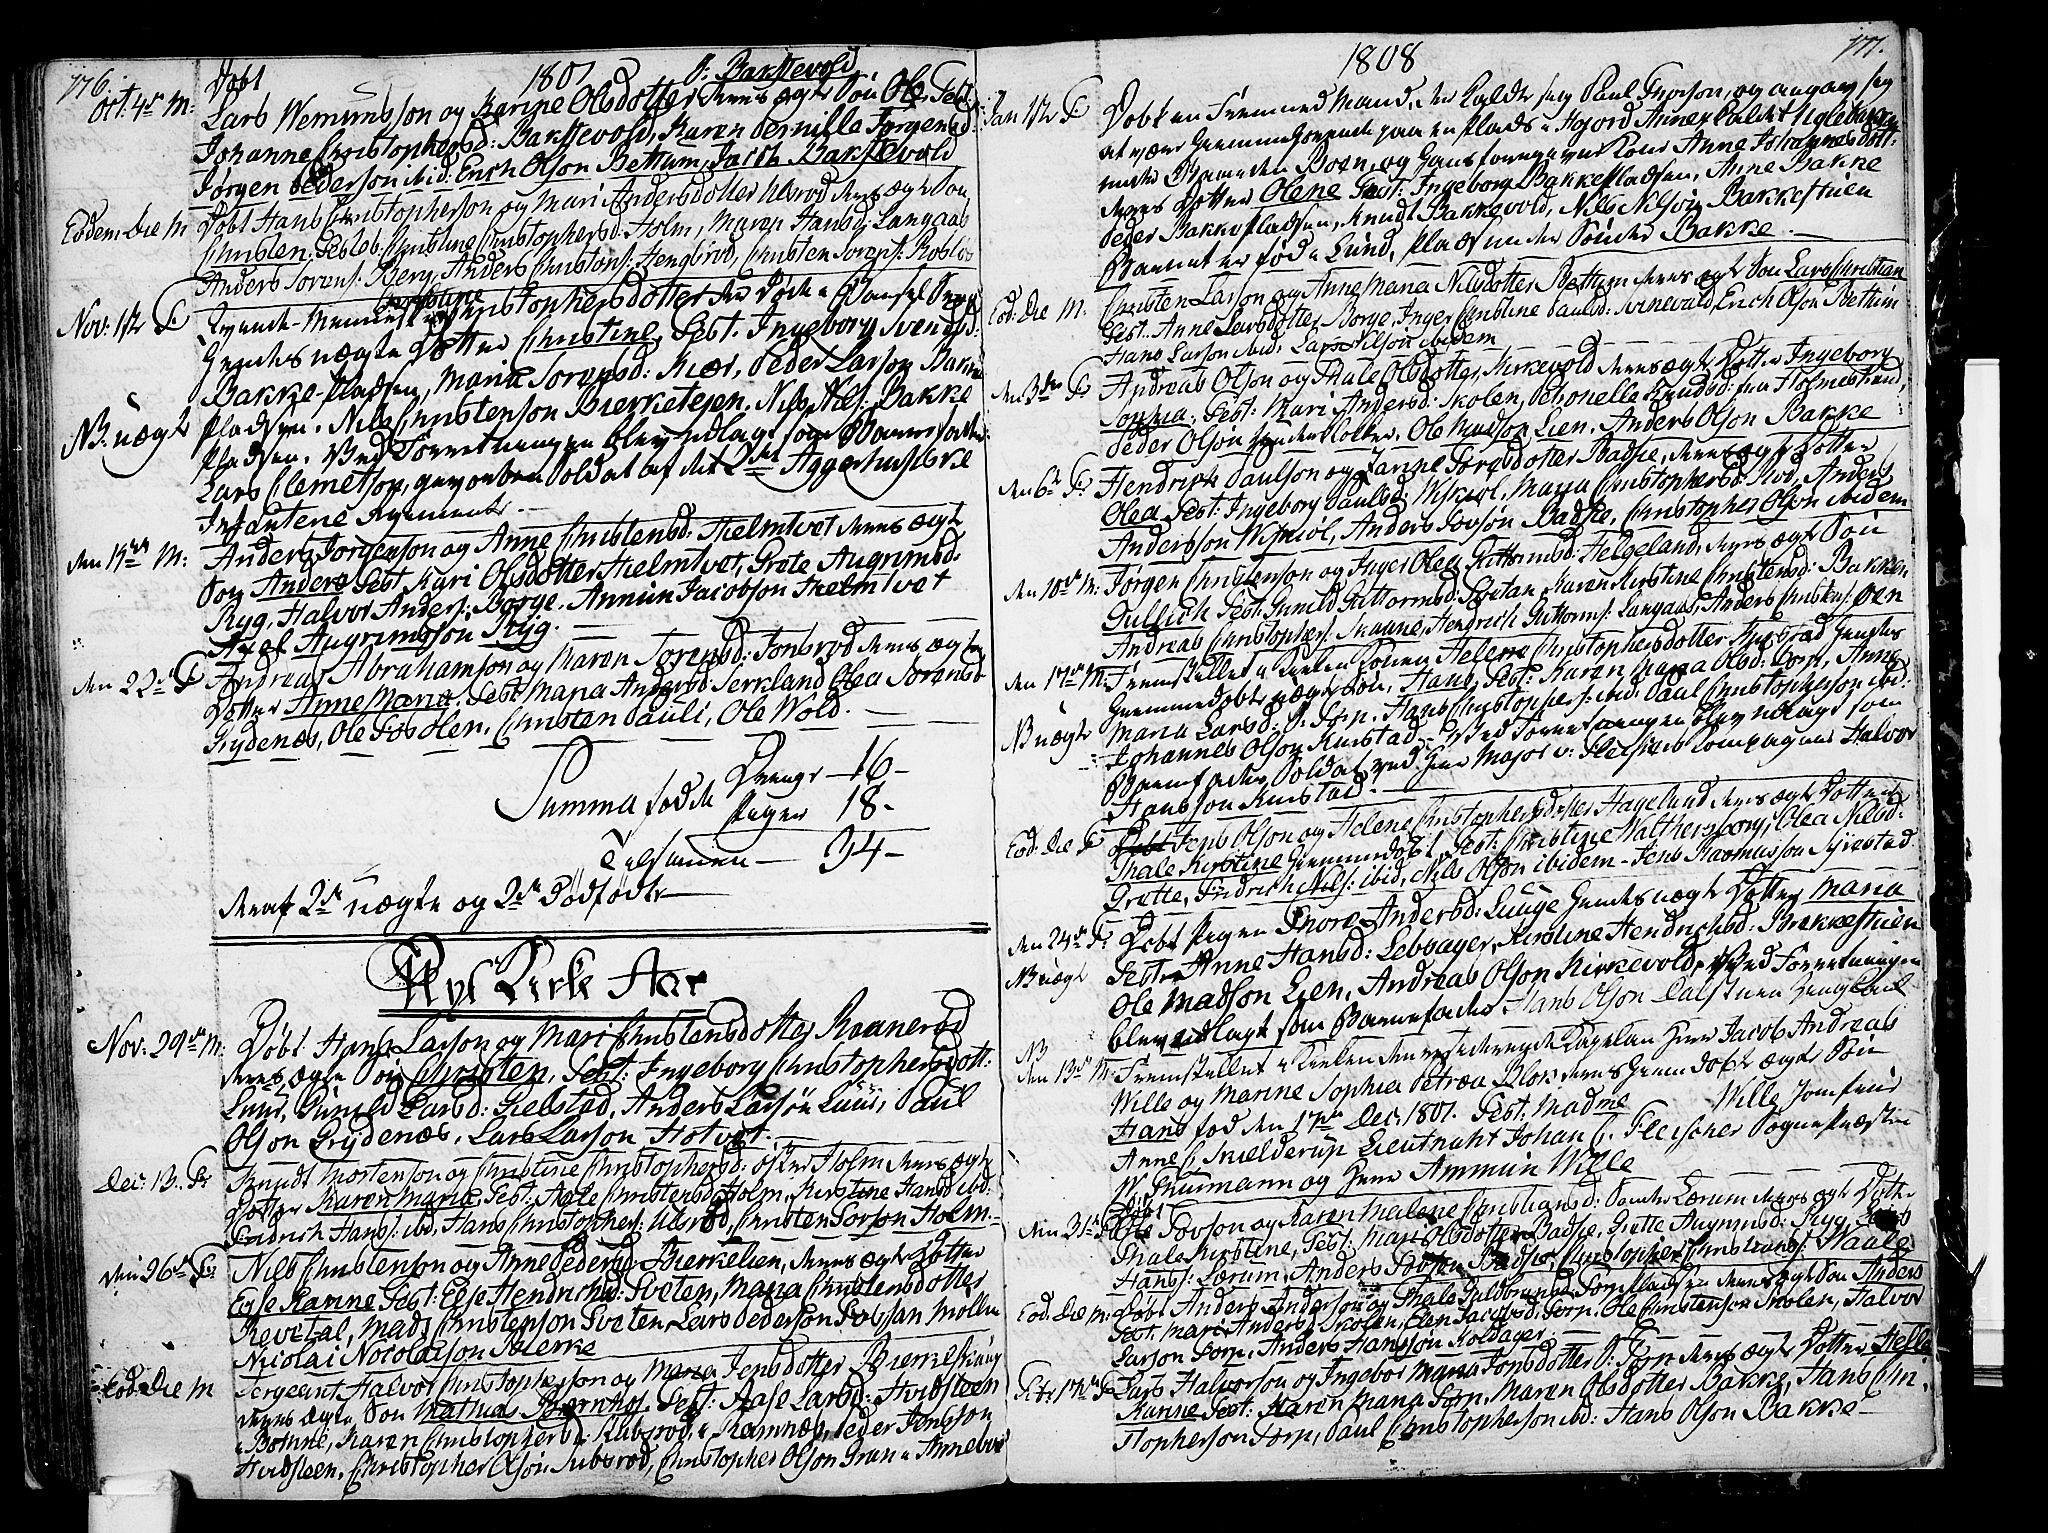 SAKO, Våle kirkebøker, F/Fa/L0005: Ministerialbok nr. I 5, 1773-1808, s. 176-177